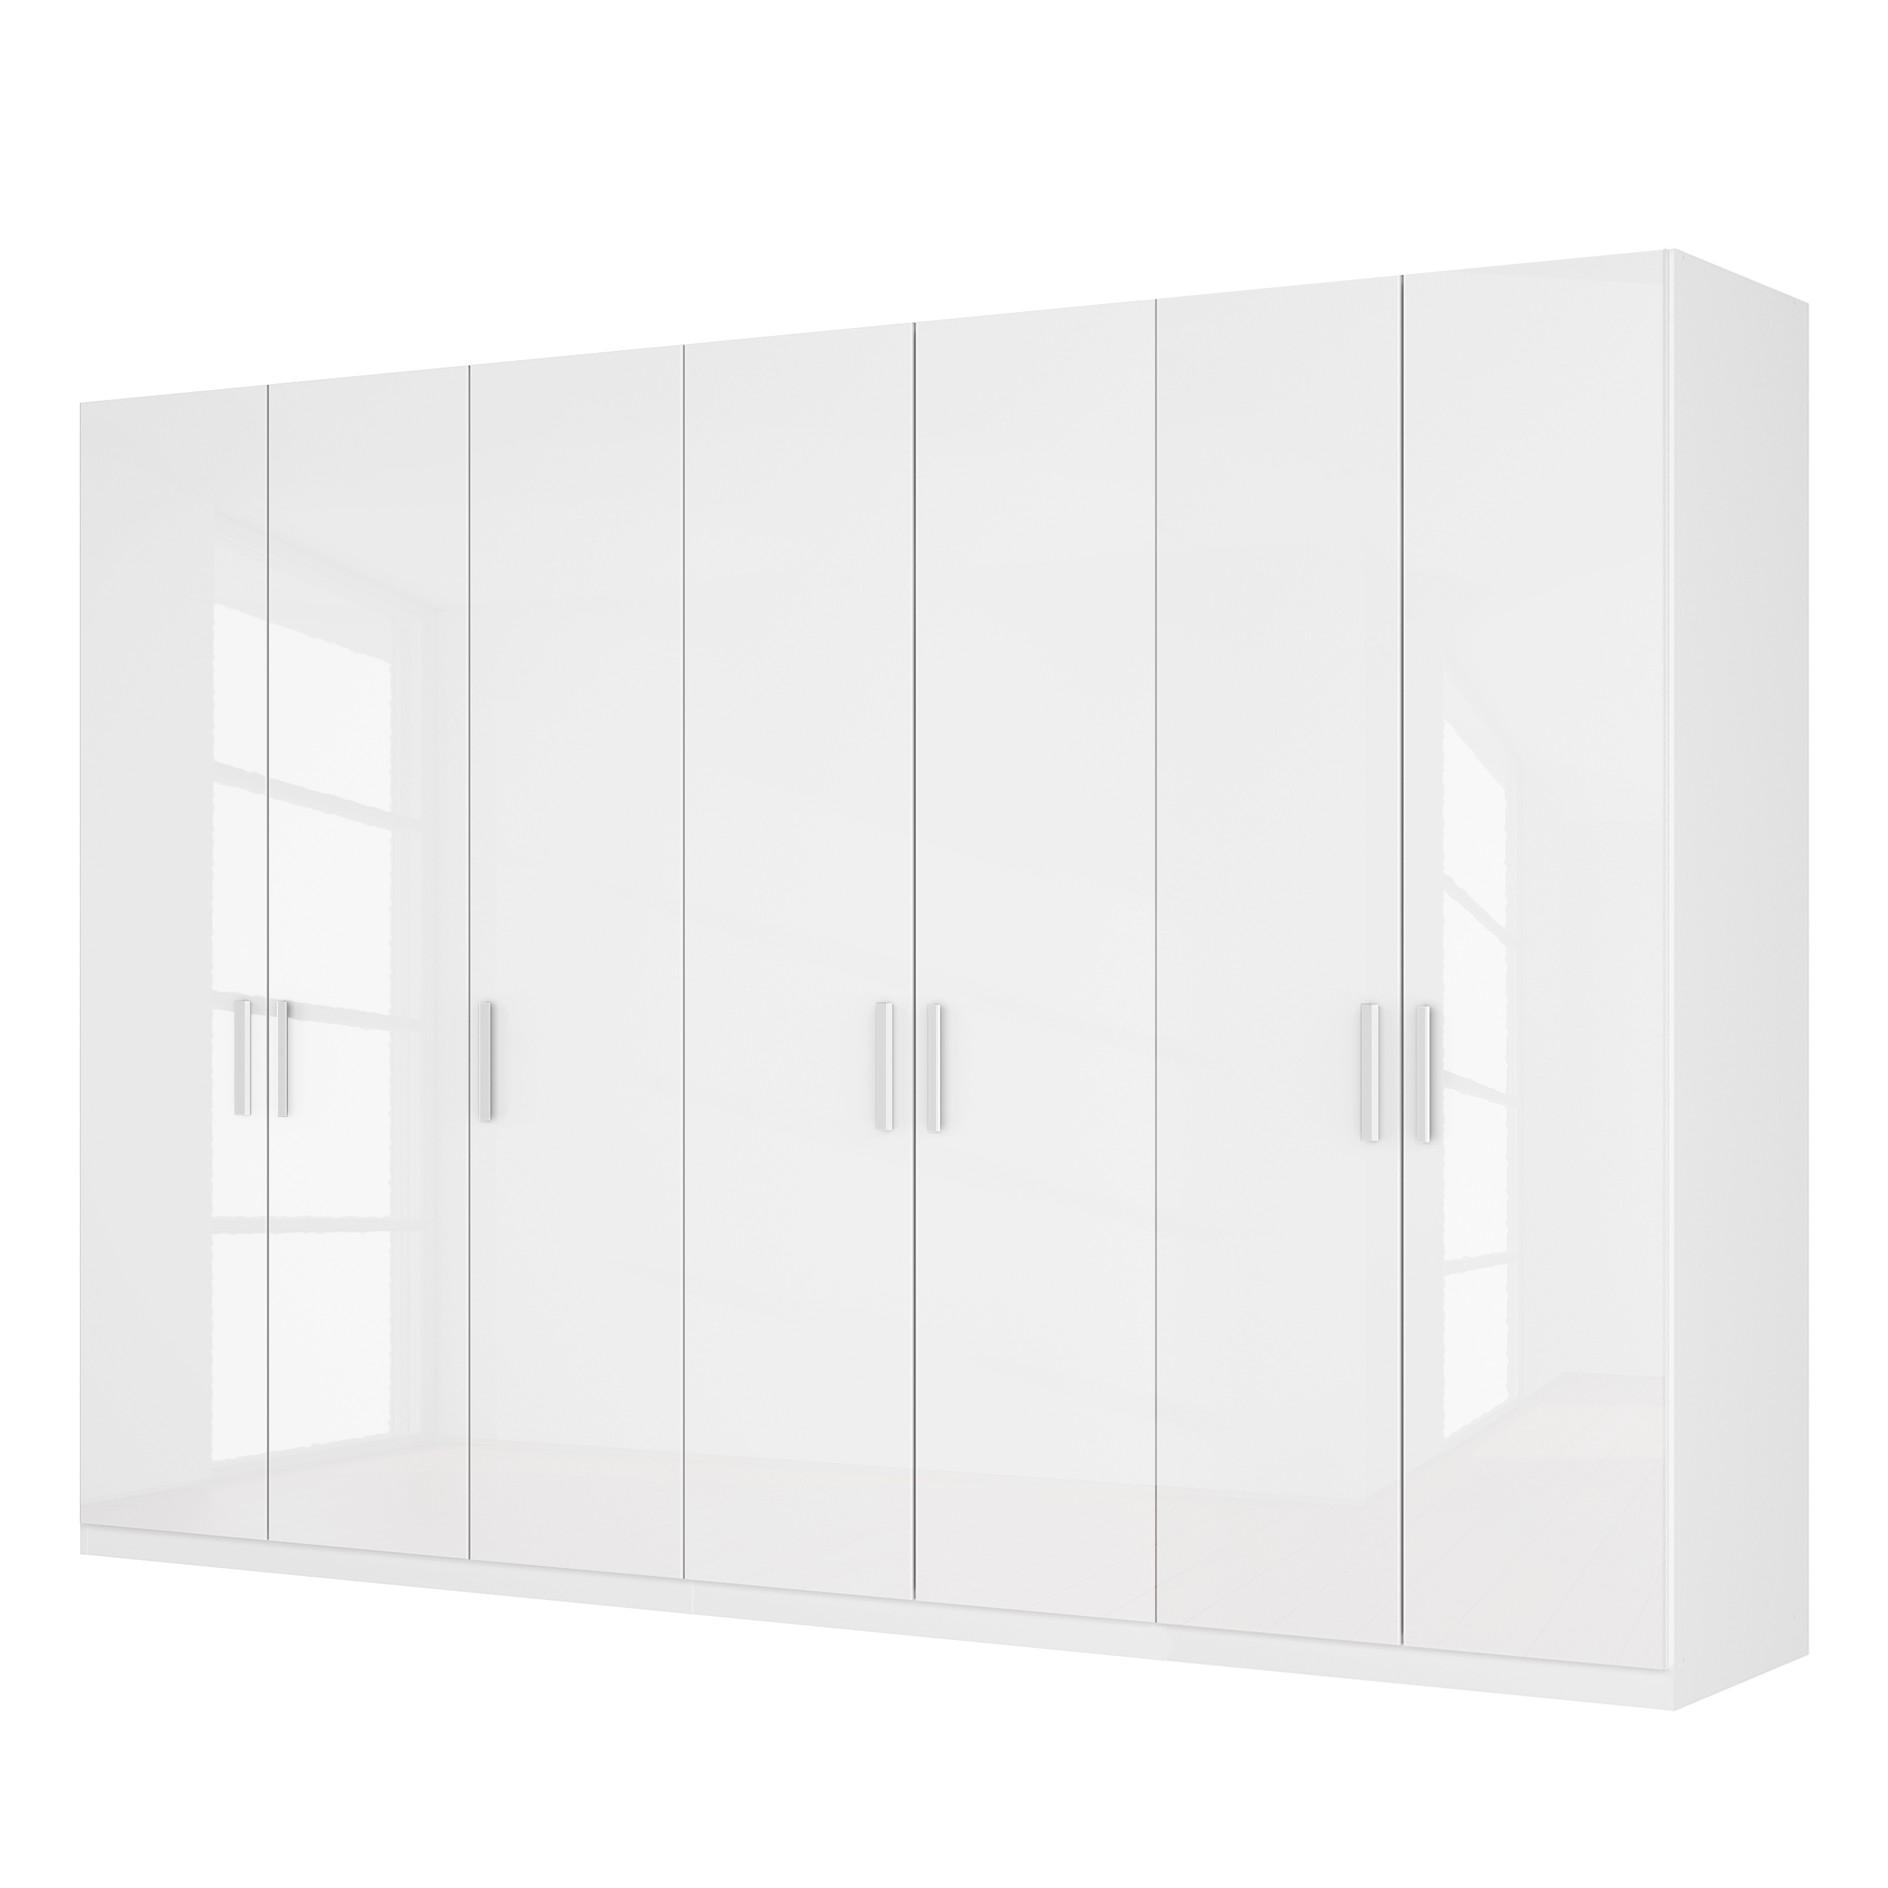 Drehtuerenschrank SKOEP III | Schlafzimmer > Kleiderschränke > Drehtürenschränke | Weiss | Holzwerkstoff | SKOEP